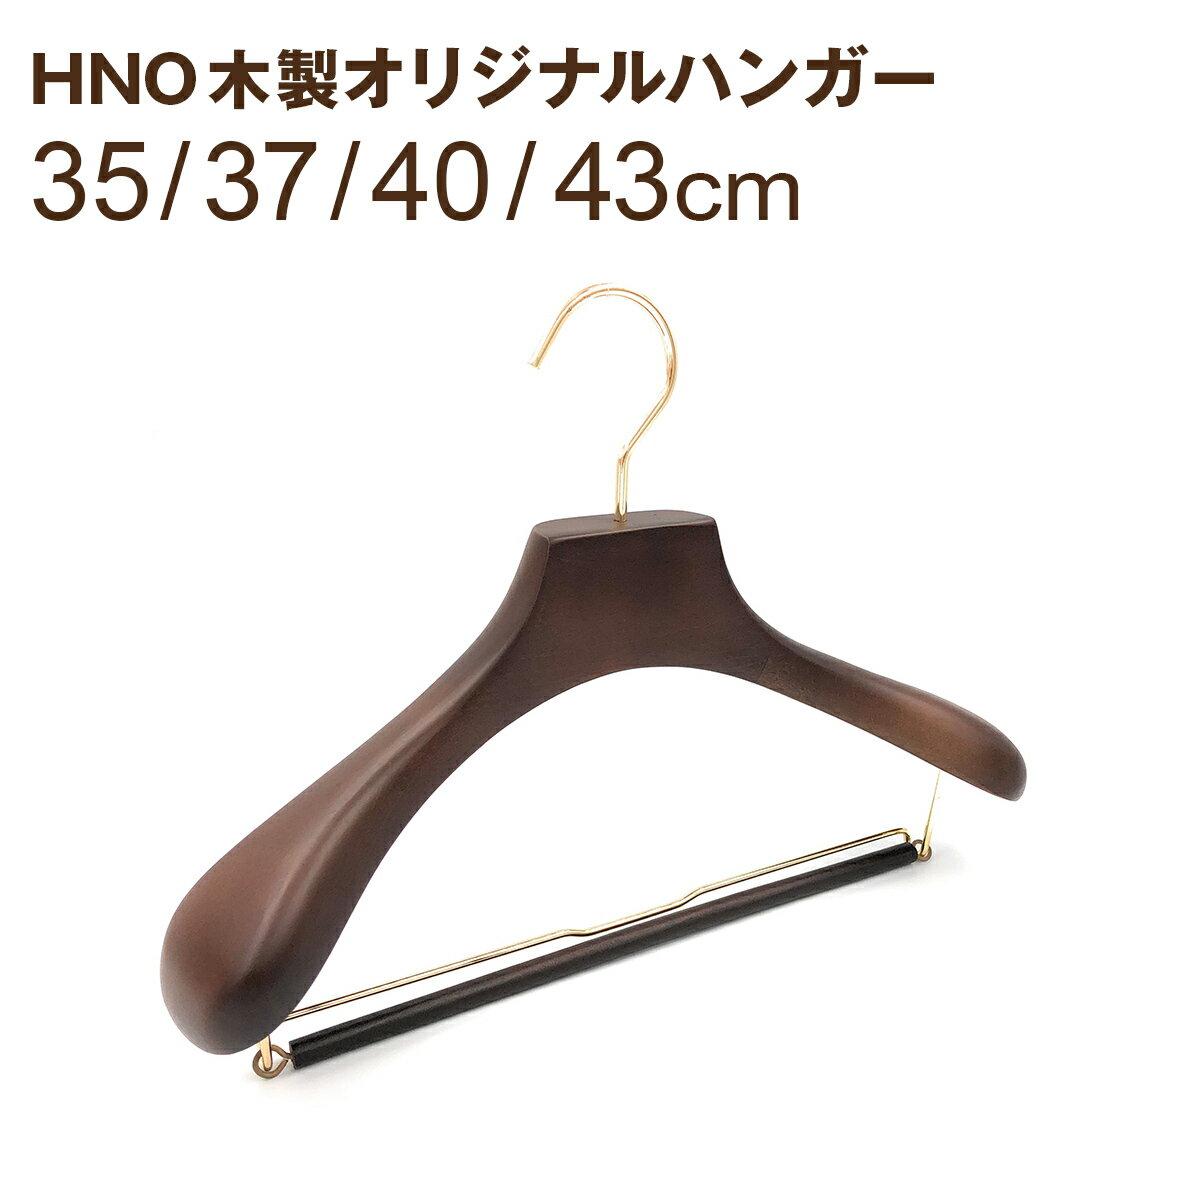 ハンガー 木製 ながしお スーツ 35cm/37cm/40cm/43cm すべらない バー付き HNO 木製オリジナルハンガー ブラウン HANGER 名入れ可 M%dx2